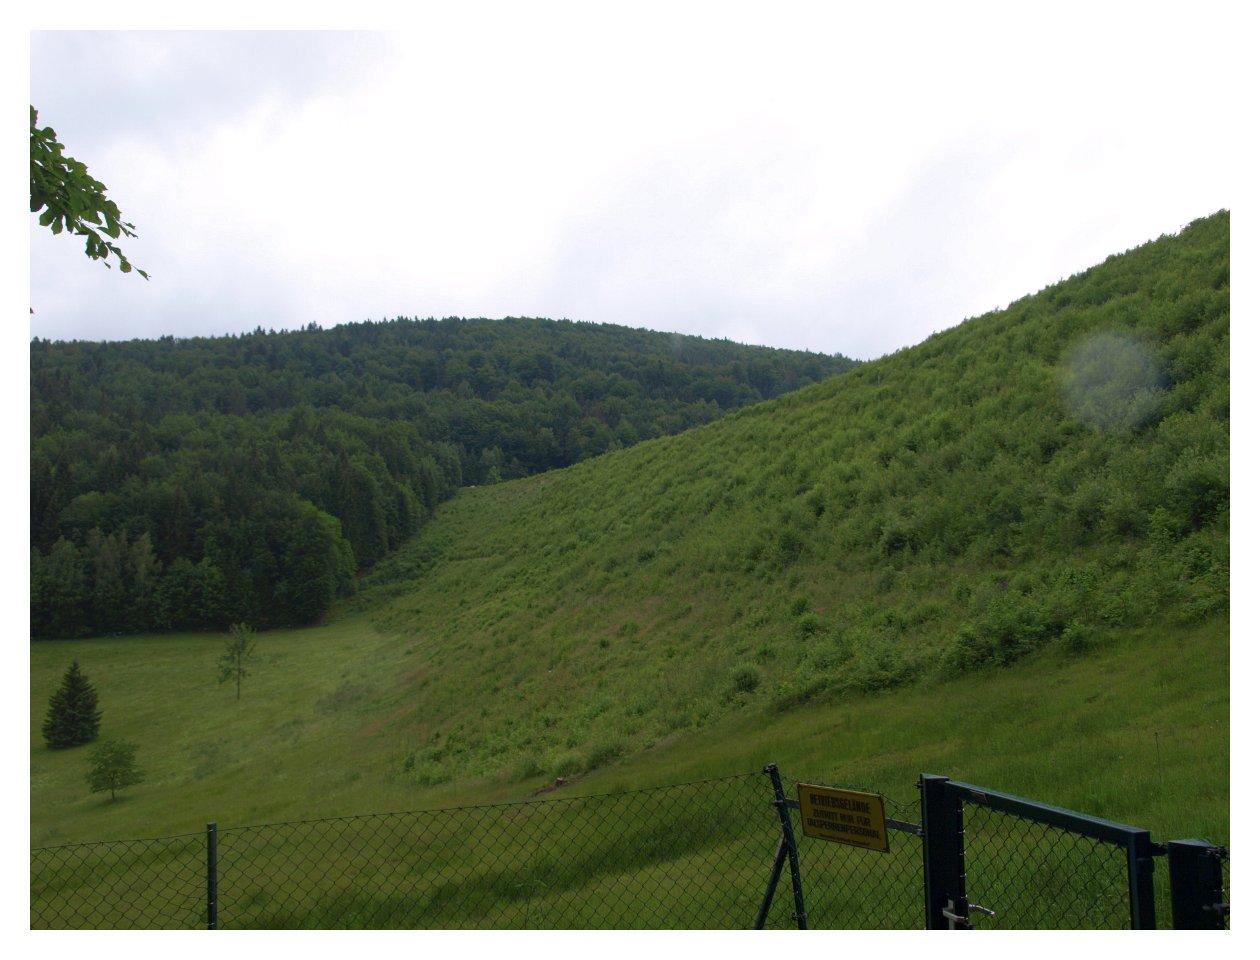 http://www.bayerwaldwandern.de/juni15/24juni15_2.jpg